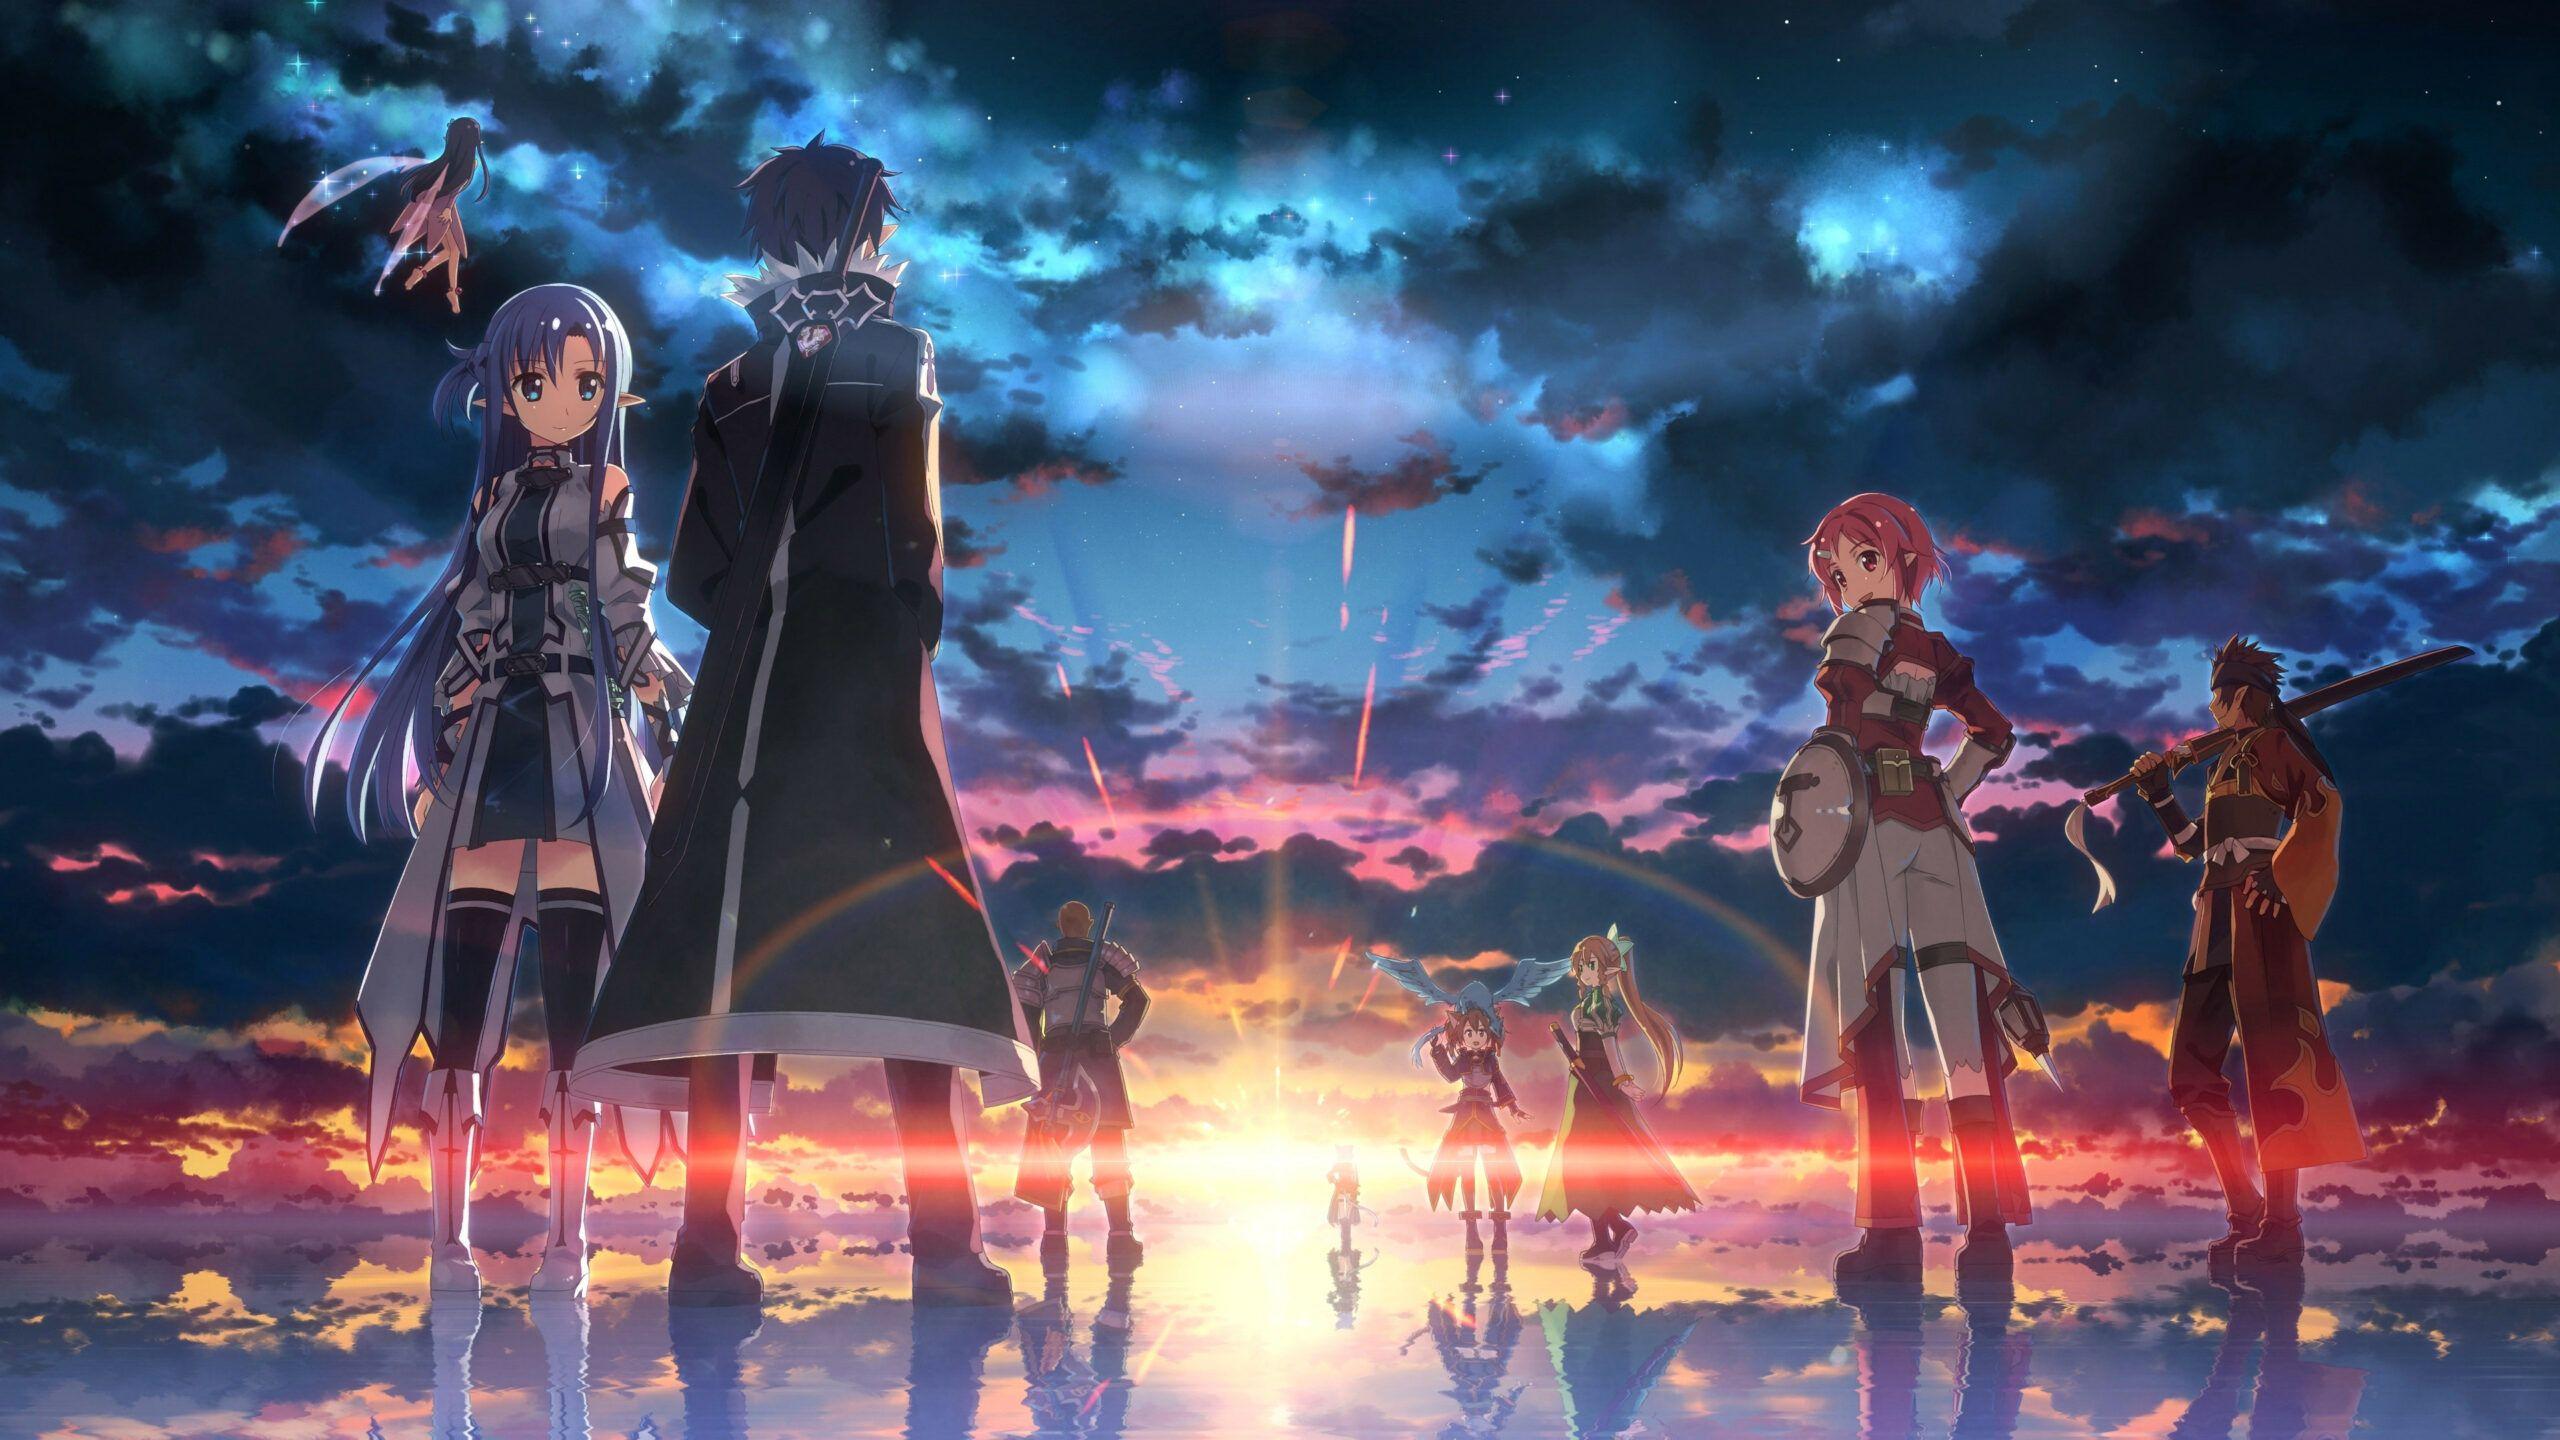 Sword Art Online Unique Sword Art Line Wallpaper Hd 80 Images Sword Art Online Wallpaper Anime Wallpaper Anime Wallpaper Phone